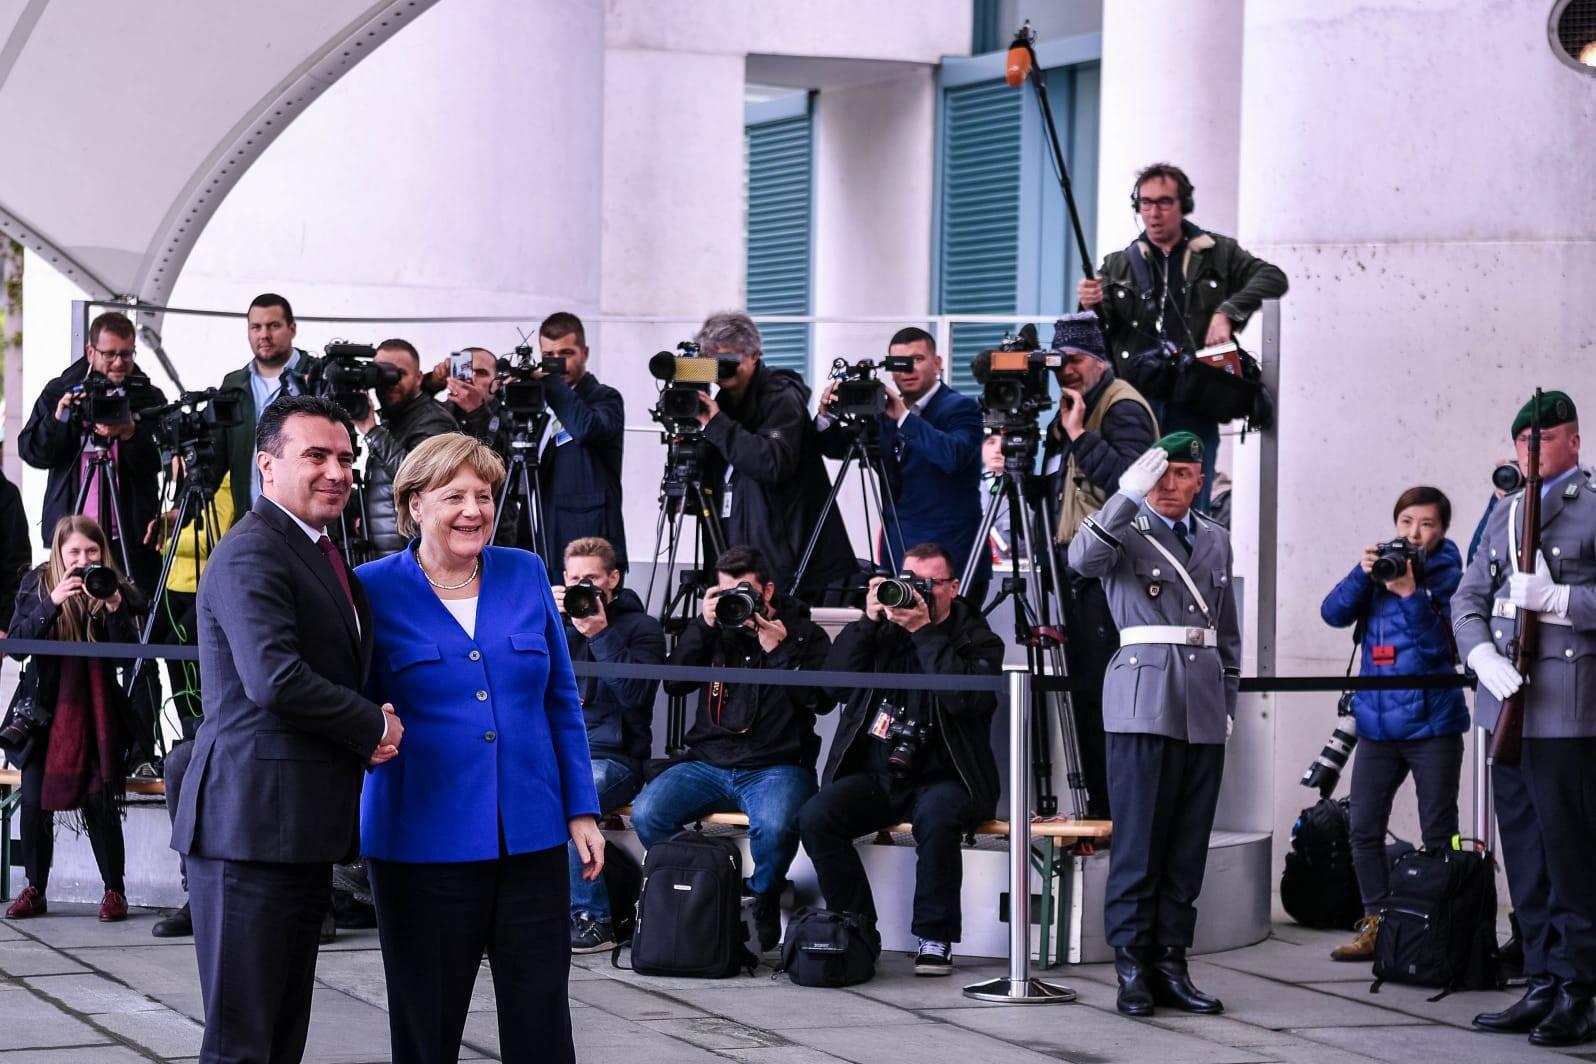 Ζάεφ, Πενταρόφσκι στις Βρυξέλλες – Ζητούν ημερομηνία για έναρξη των συνομιλιών για την ένταξη στην ΕΕ